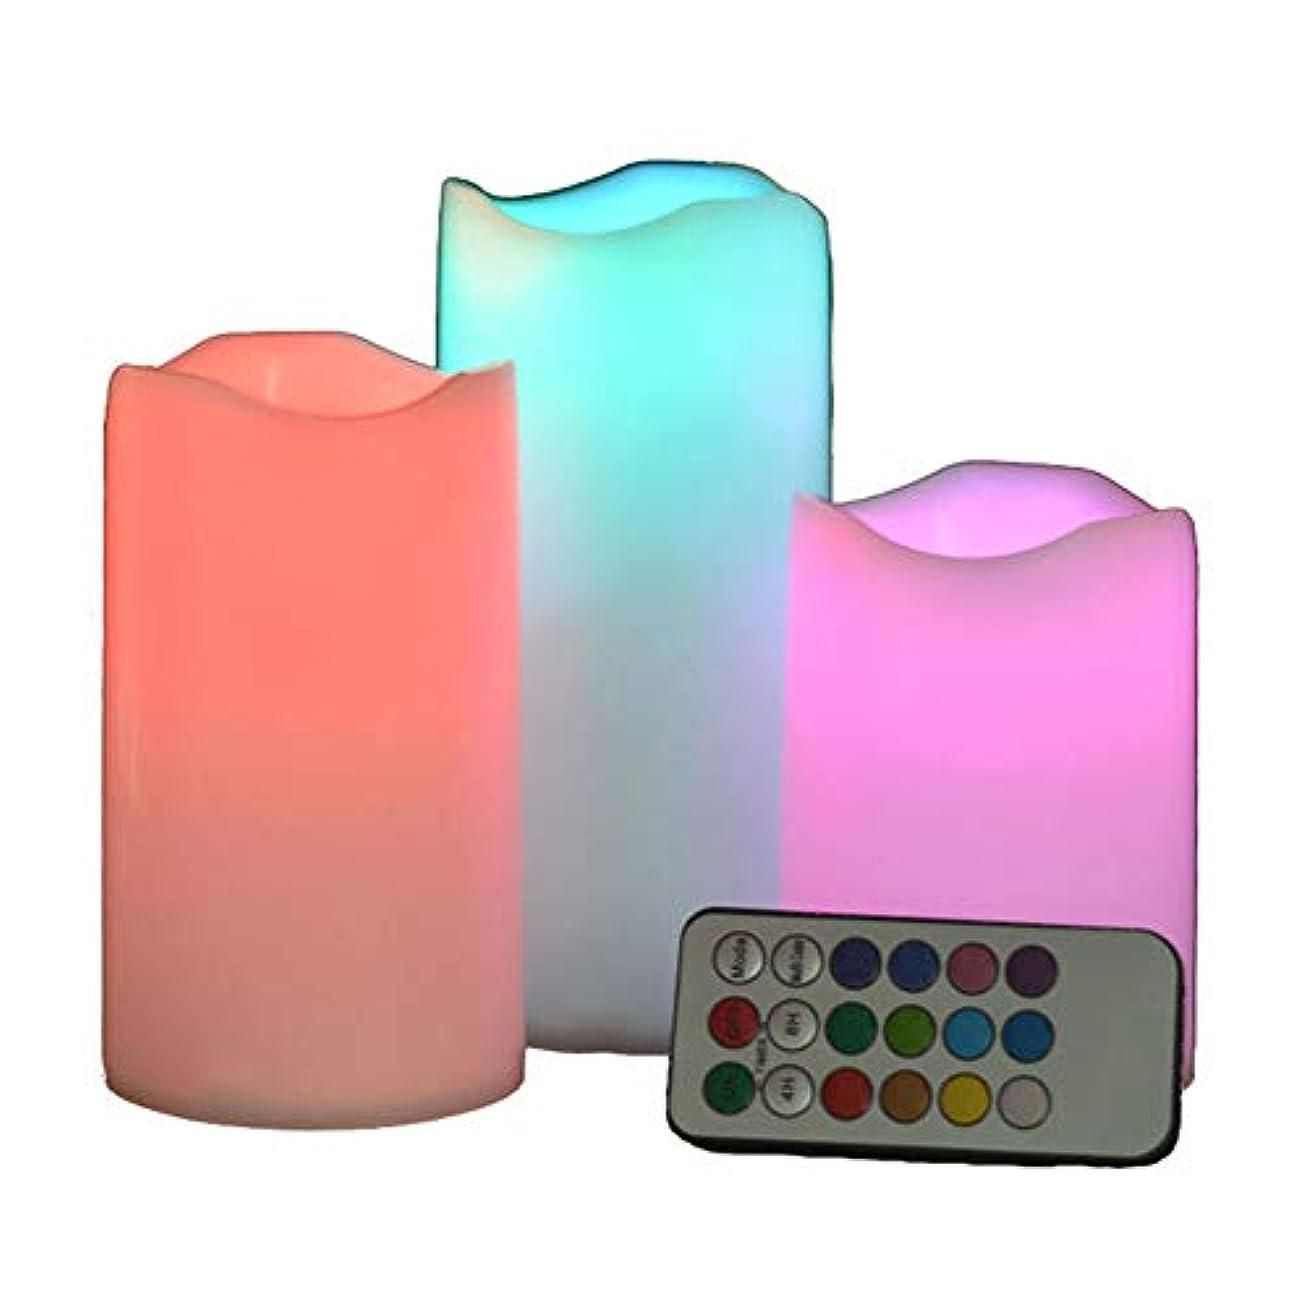 帝国主義比類なき製造LEDリモートコントロール電子キャンドルクリエイティブ18キータイミングカラフルなプラスチッククリスマスライトキャンドルライト(バッテリーなし)